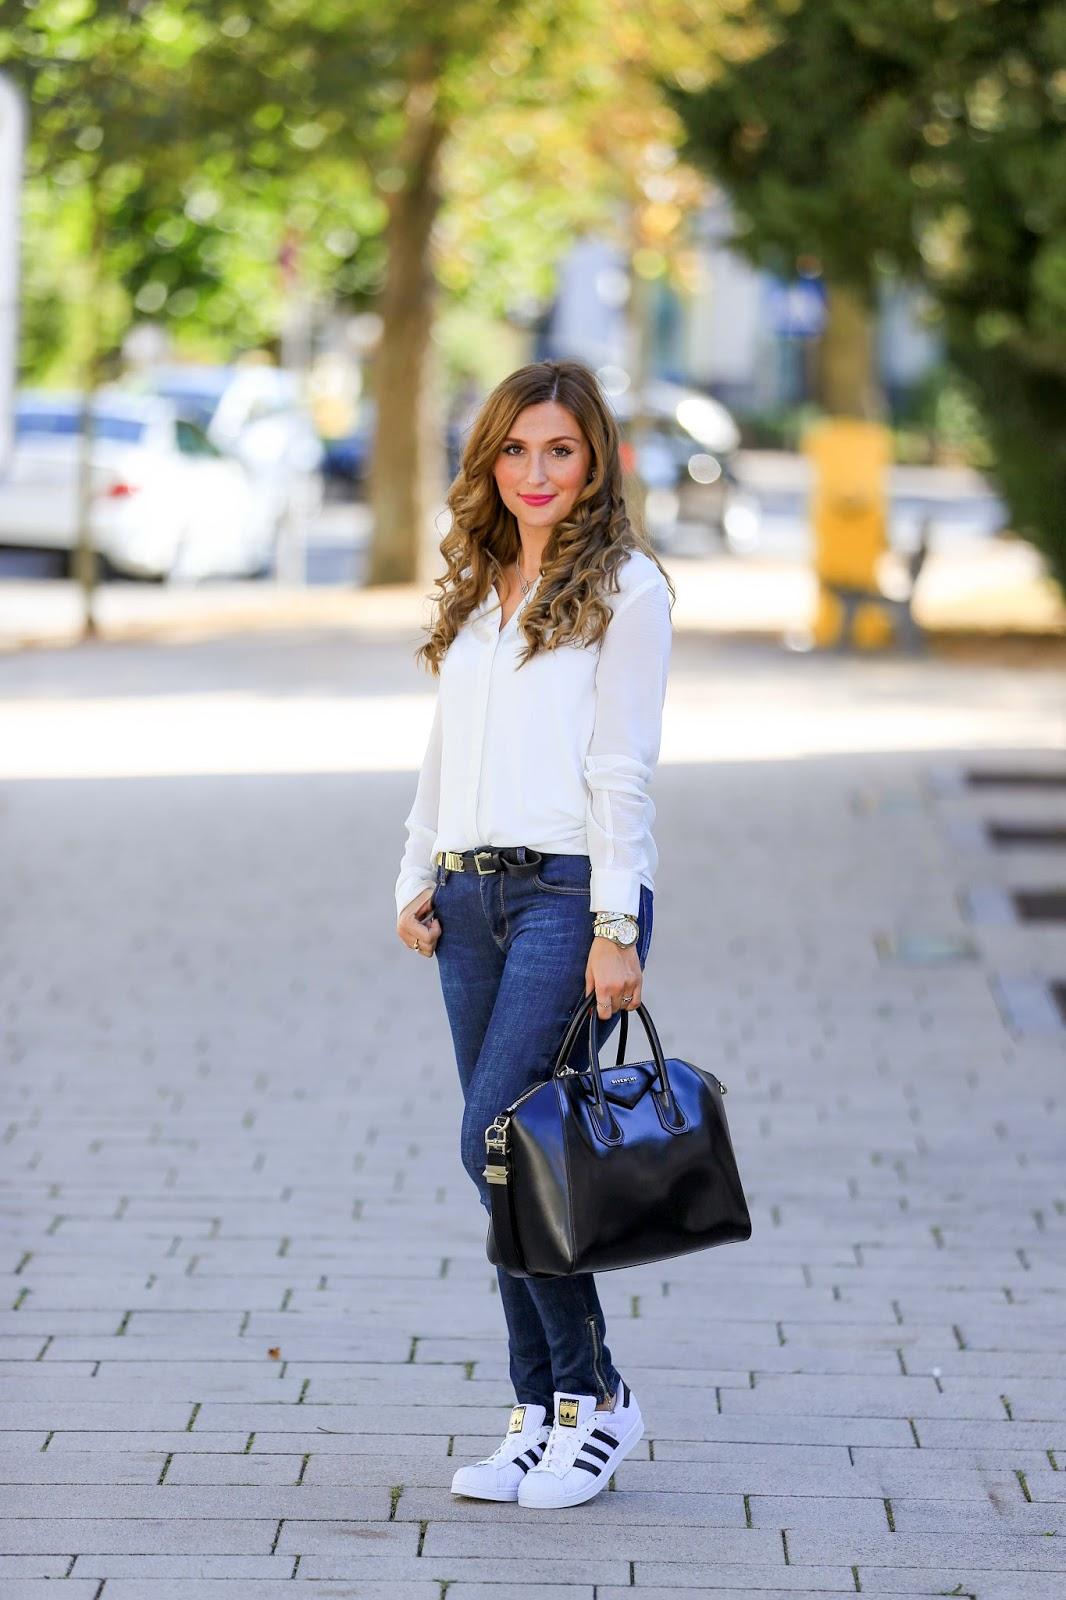 Fashionblogger aus Deutschland-Lockige Haare-Blogger mit Locken-Blogger mit Braunen Haaren-Givenchy Tasche- Schwarze Givenchy tasche- Zara Bluse